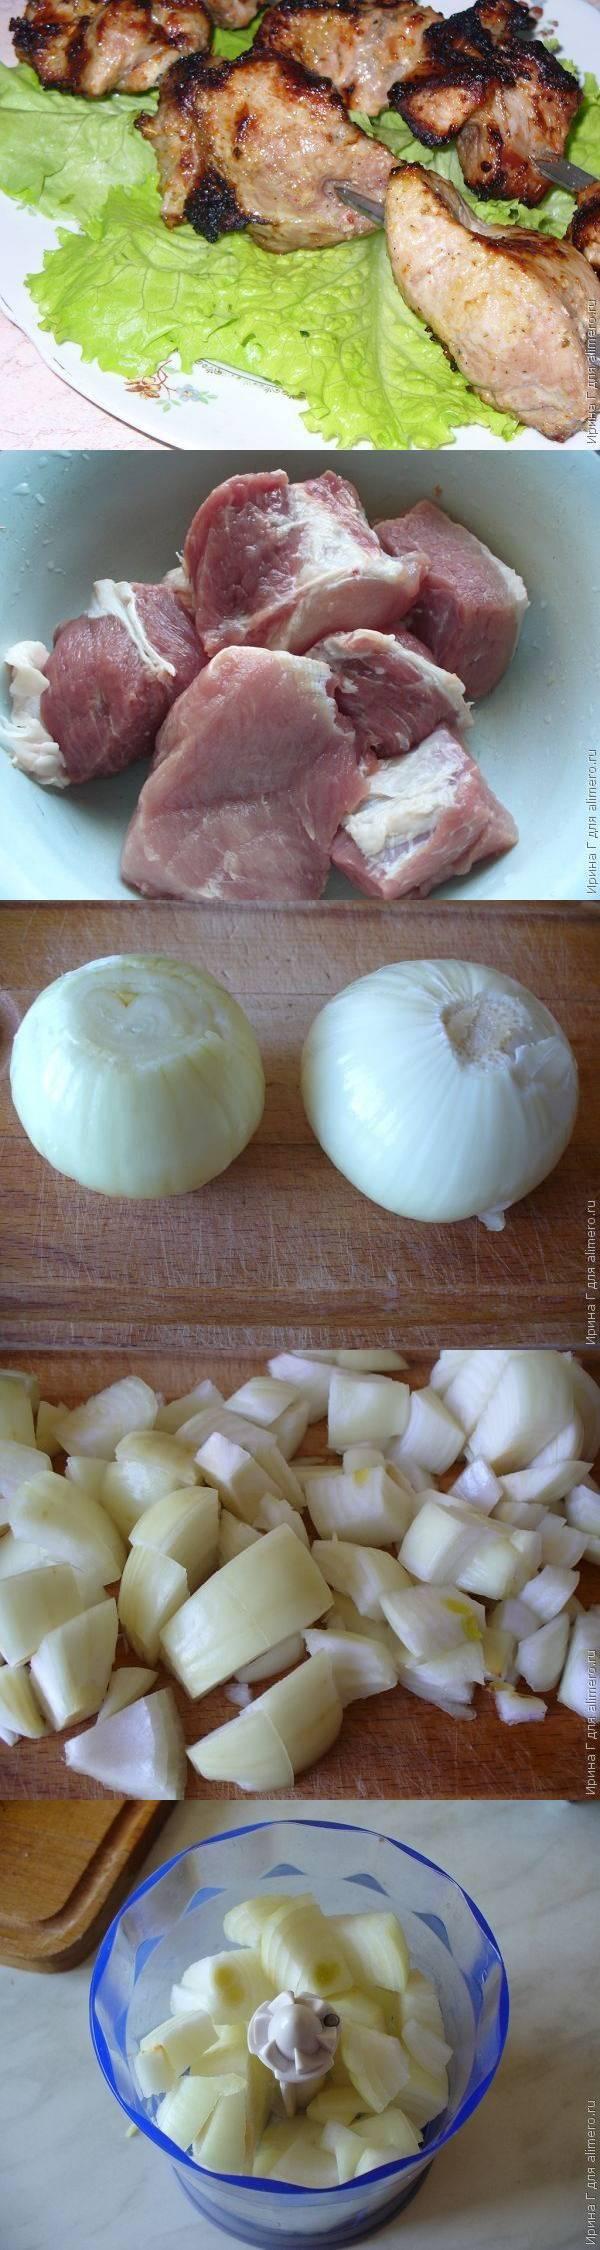 Шашлык из свинины в луково-кефирном маринаде